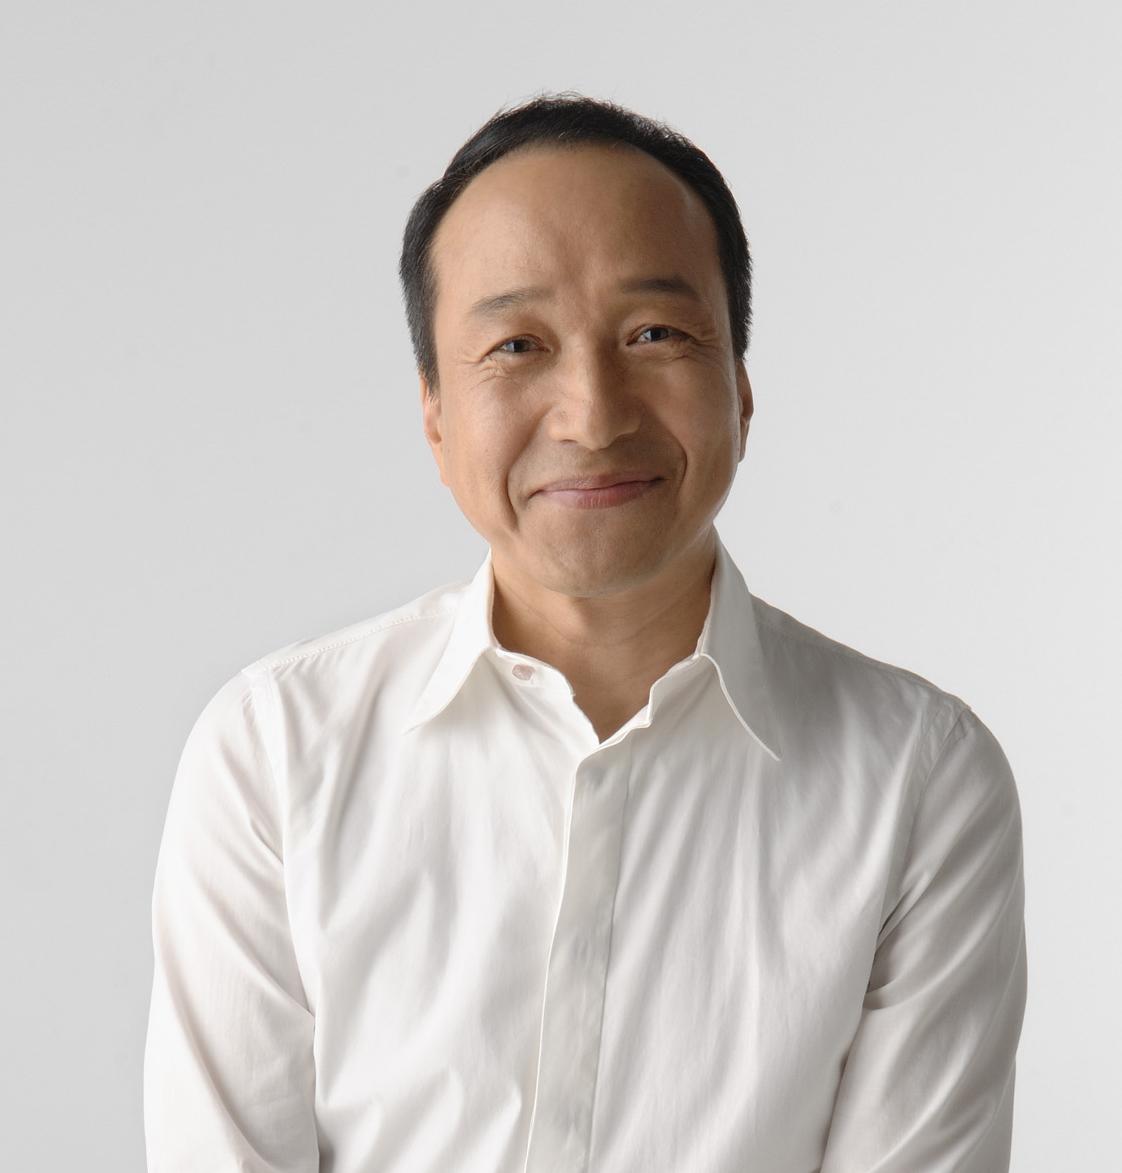 実力派俳優!小日向文世の魅力が伝わる出演ドラマベスト5 ...